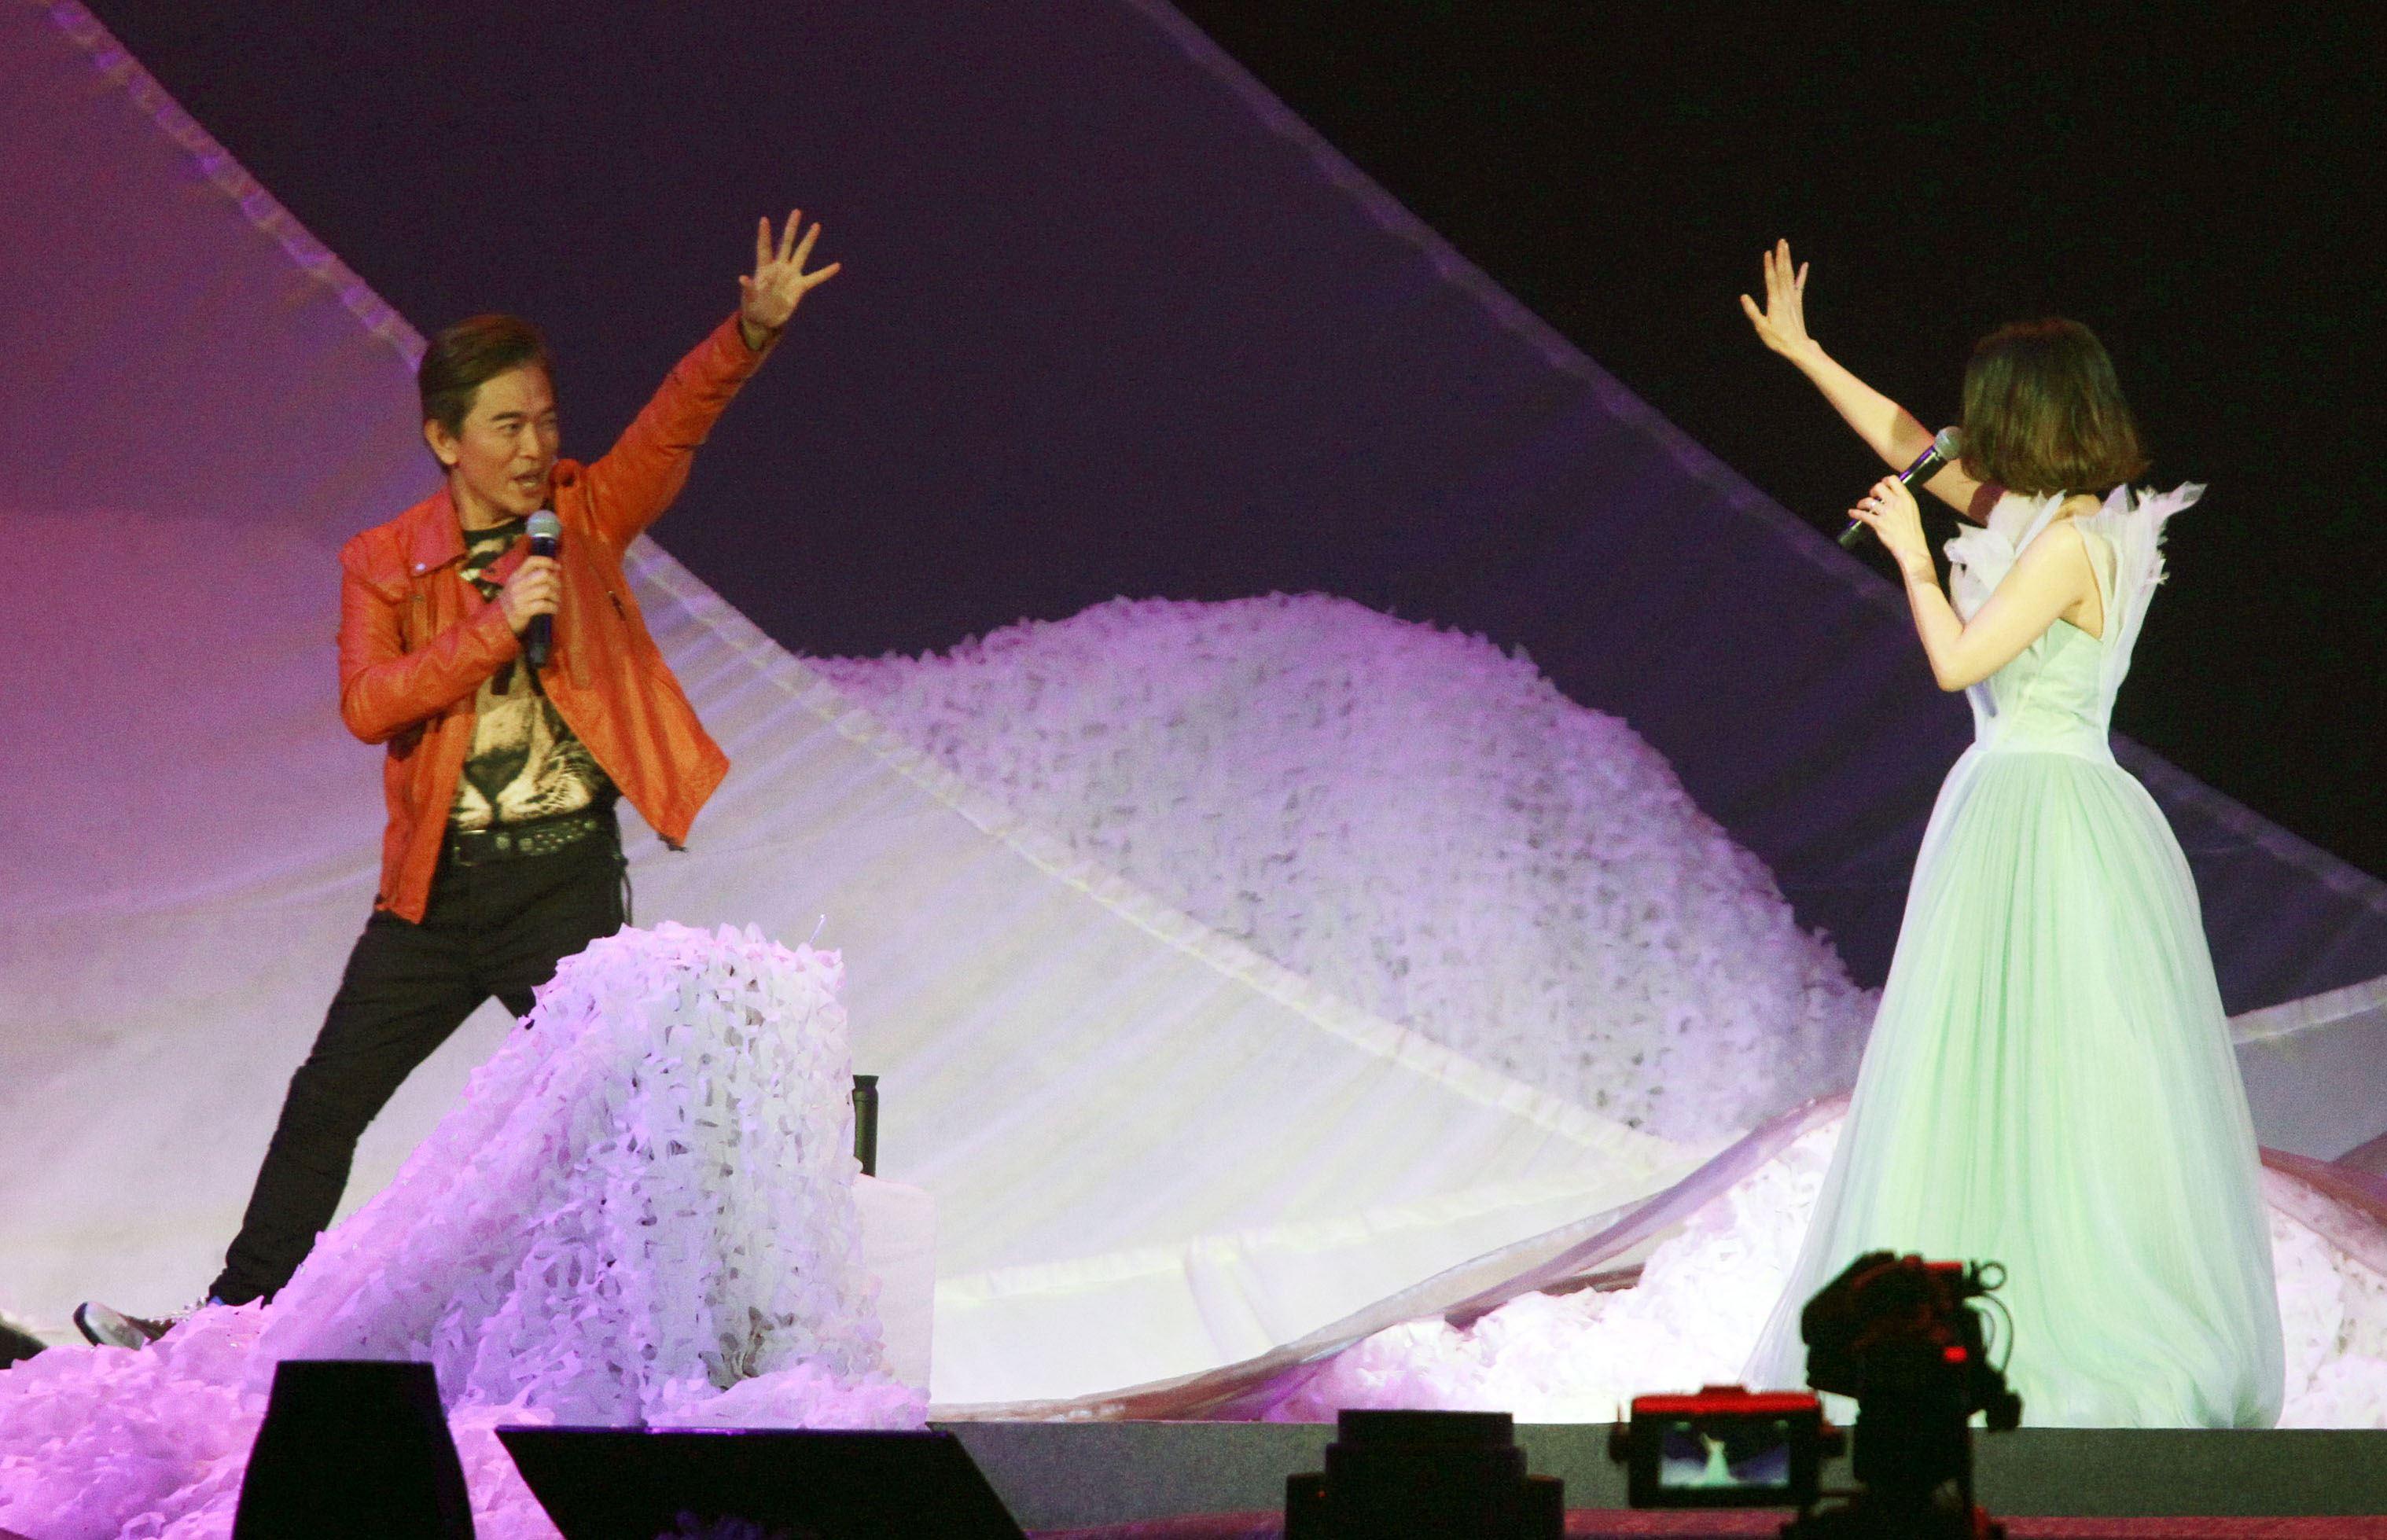 許茹芸「綻放的綻放的綻放」巡迴演唱特別嘉賓吳宗憲。(記者邱榮吉/攝影)